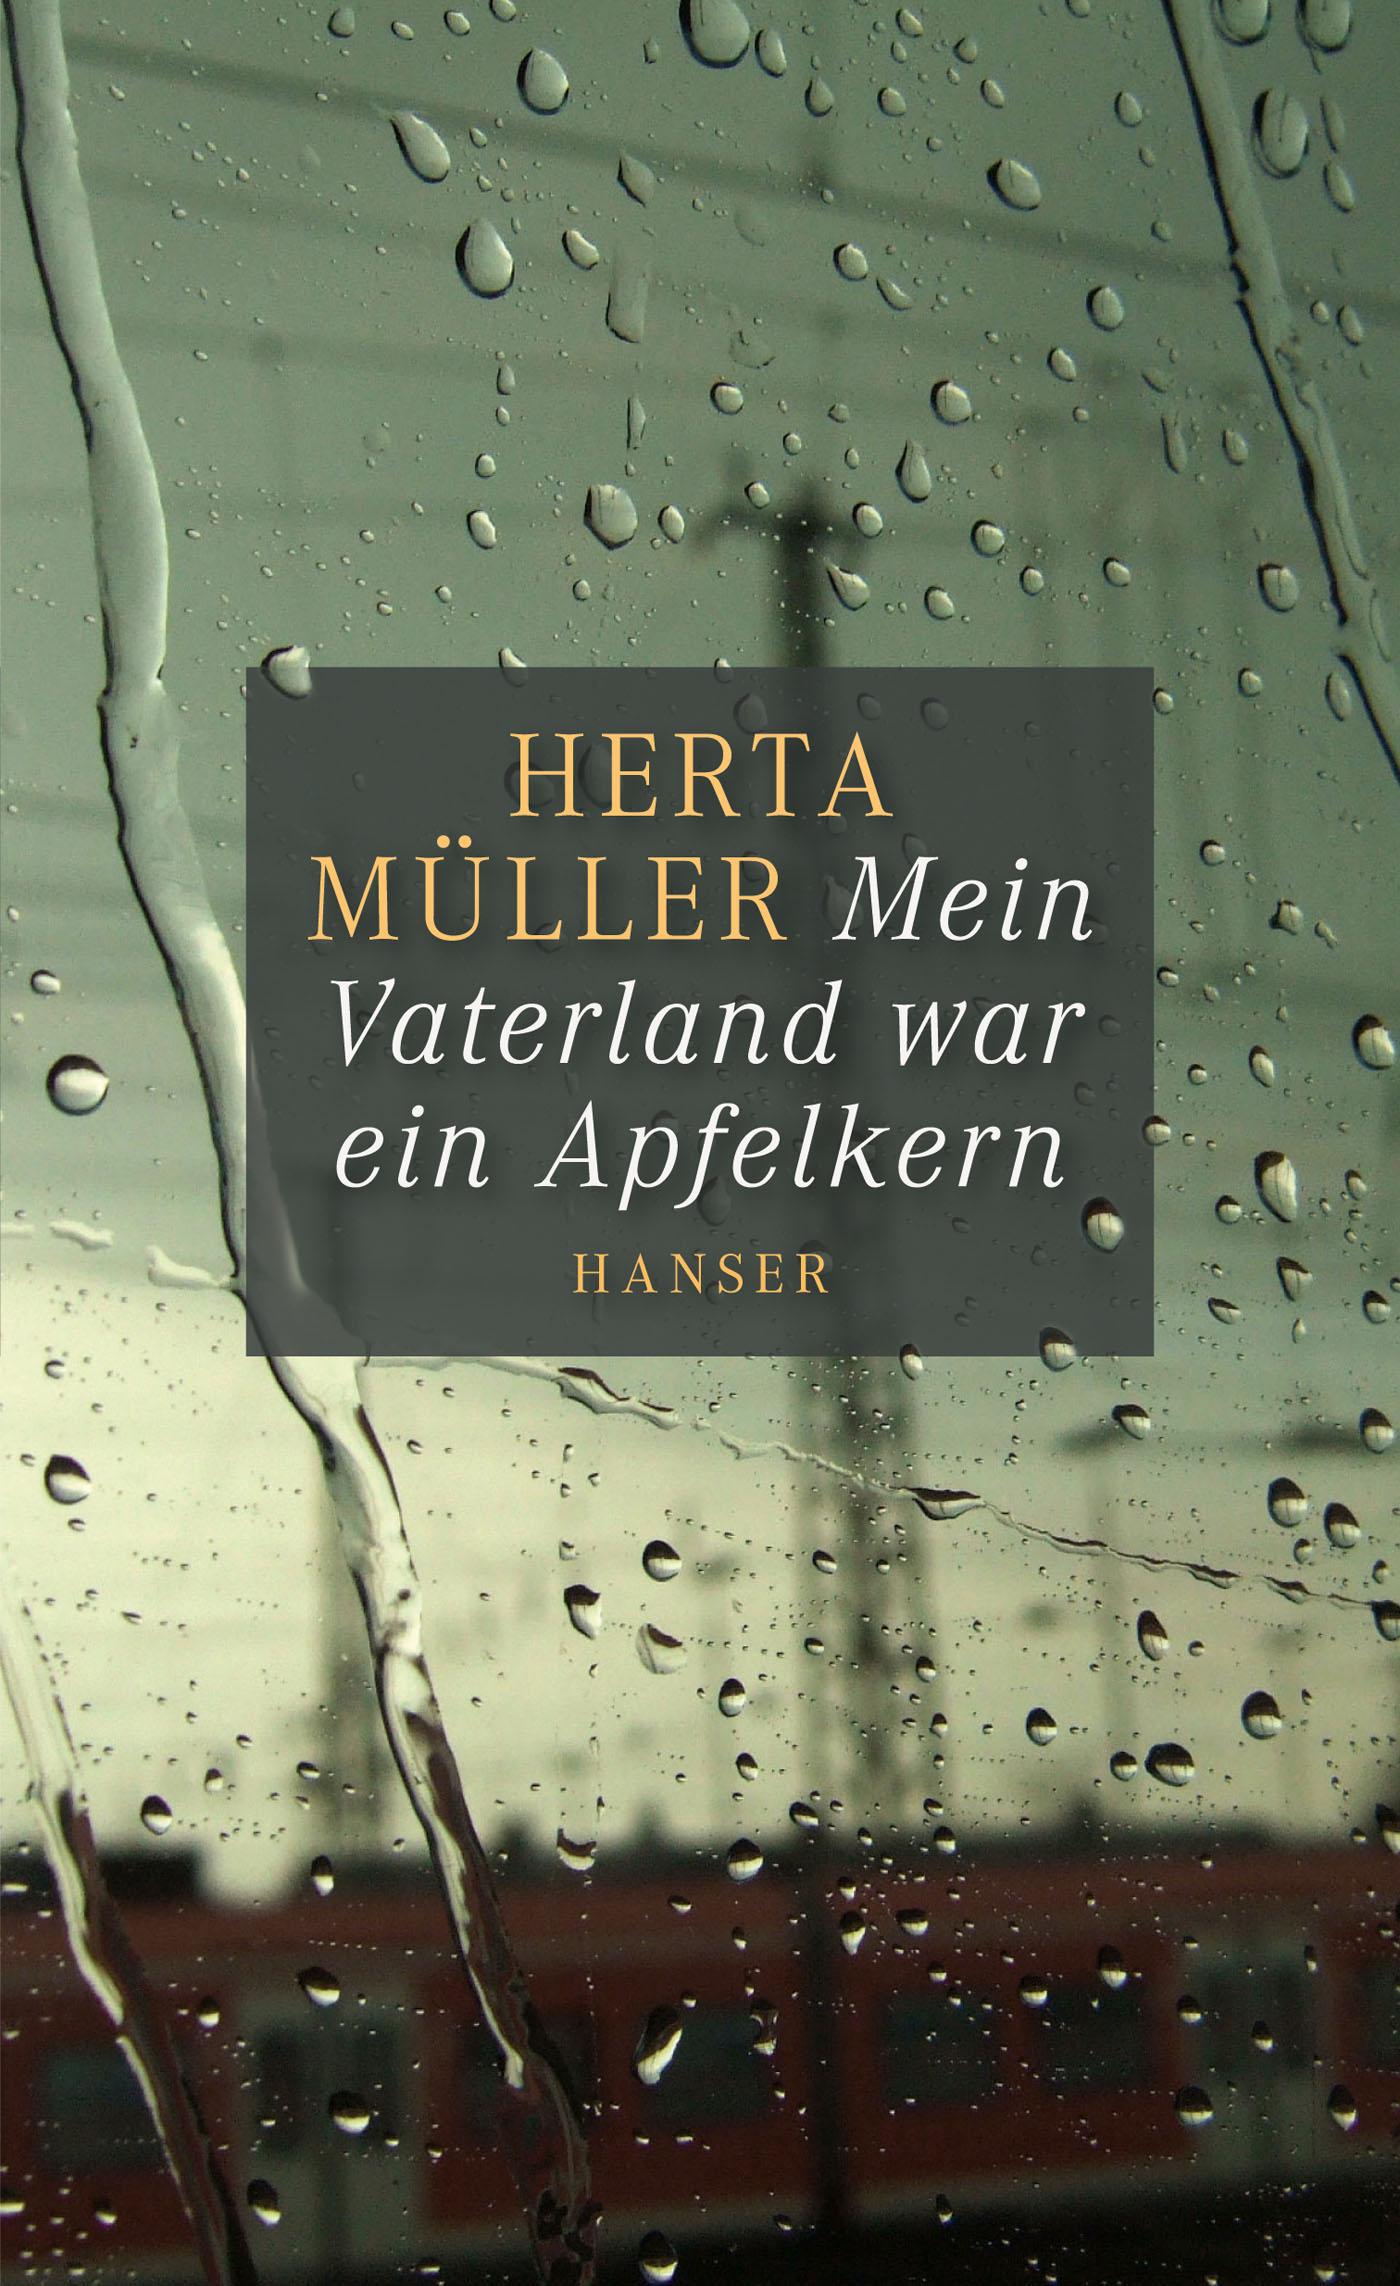 Müller_978-3-443-24663-8_MR1.indd